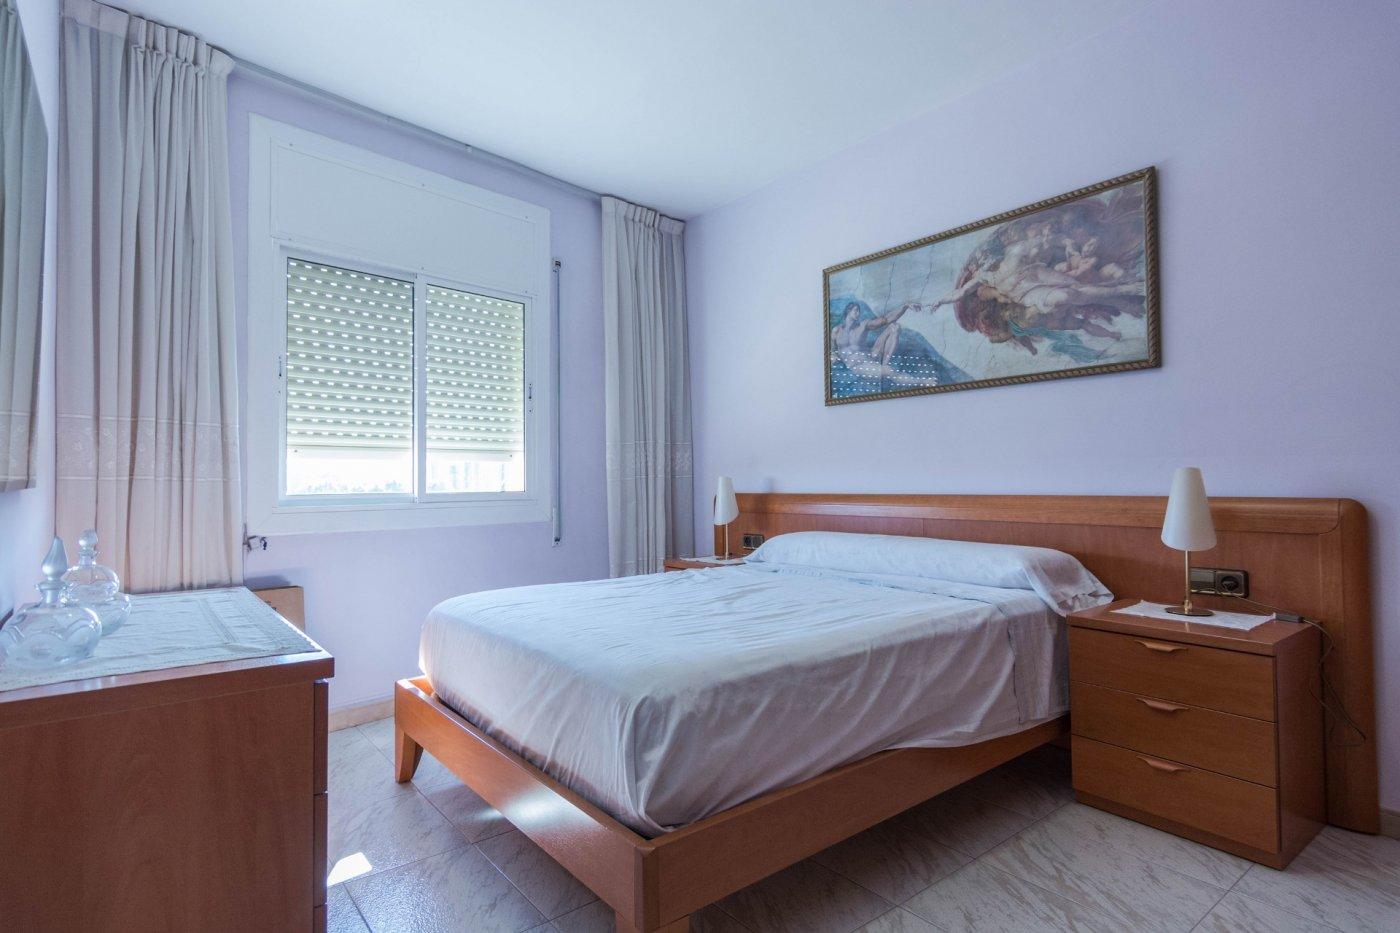 piso en santa-coloma-de-gramanet · riu-sud 130000€